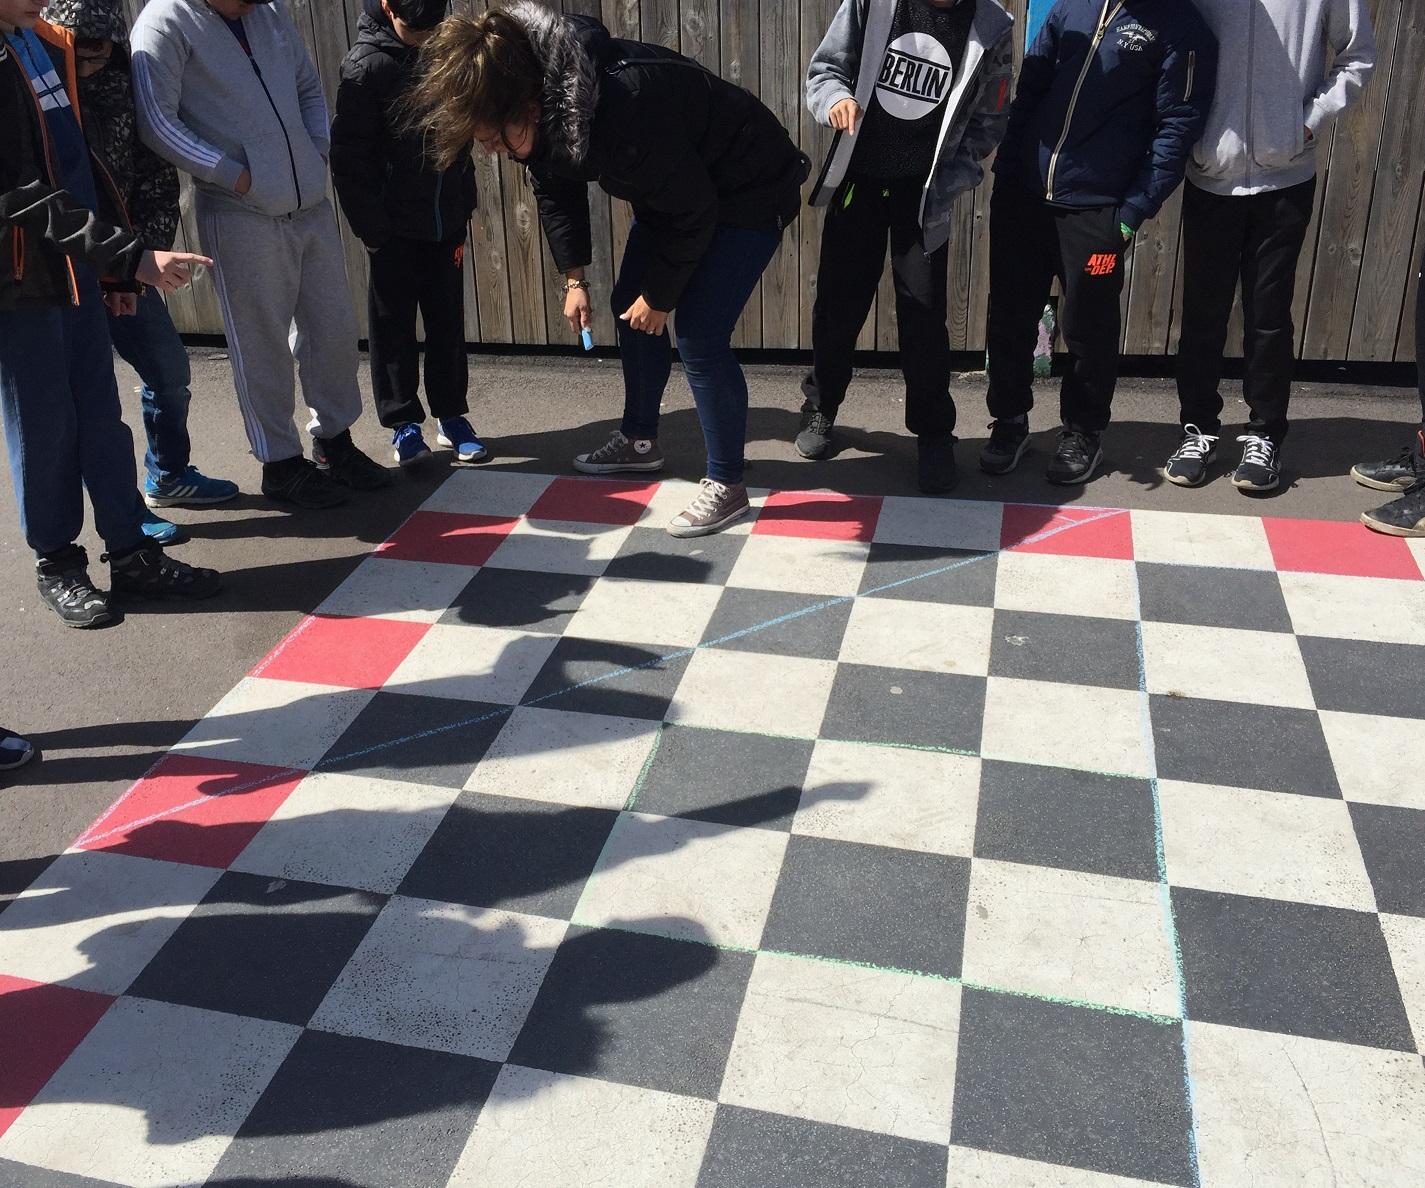 Barn står vid rutor som bildar kvadrat.